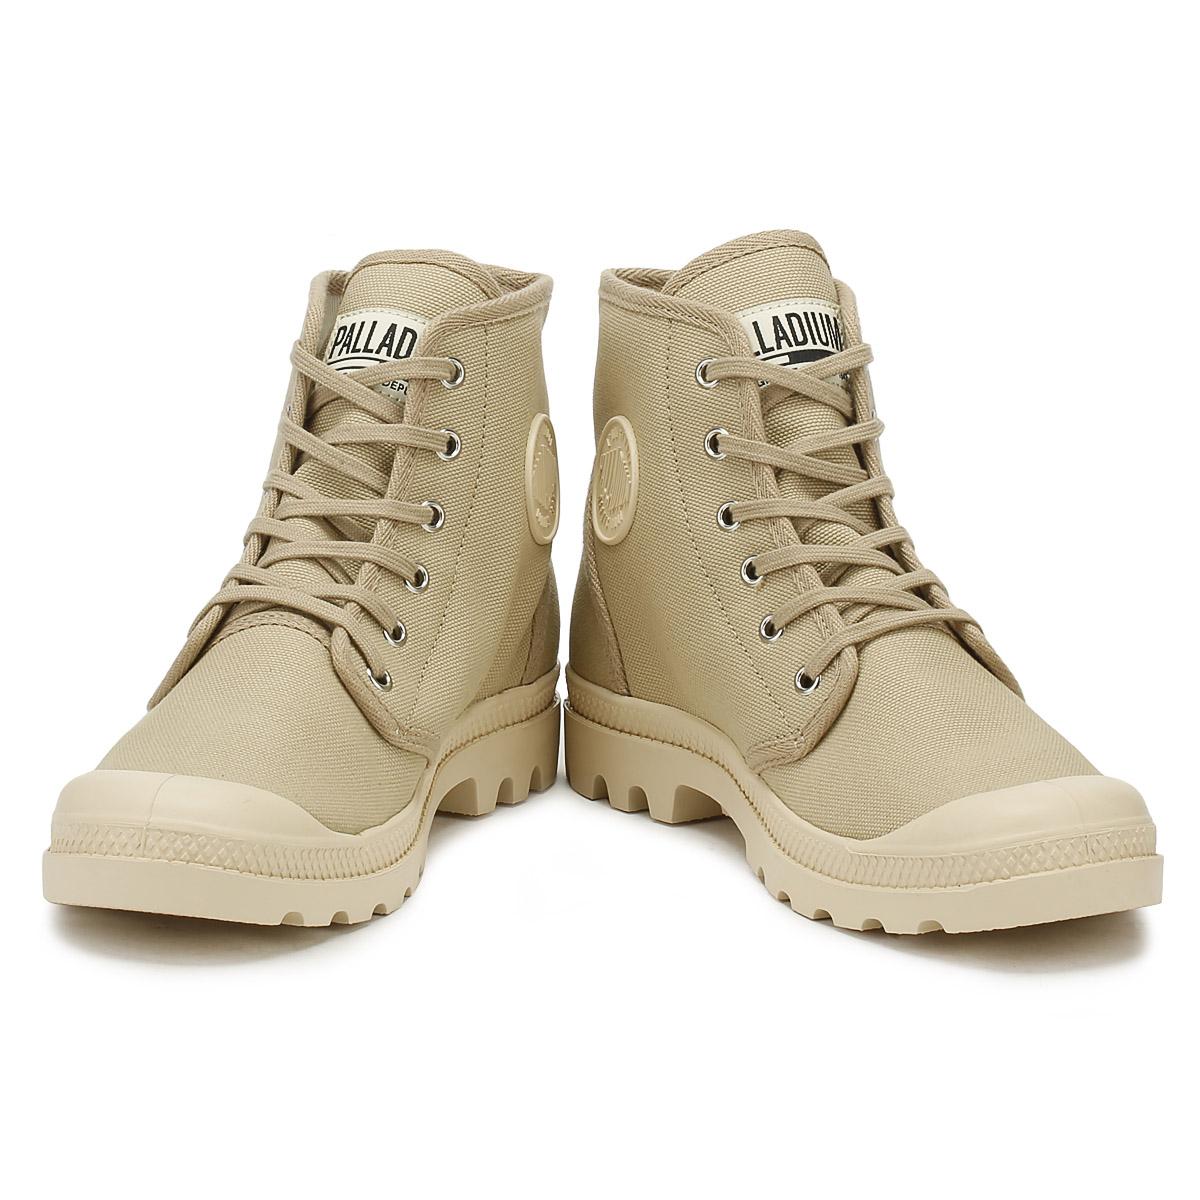 Palladium Hi Unisex Stiefel Sahara Ecru Originale Hi Palladium Tops Trainers Ankle Schuhes 6769a6